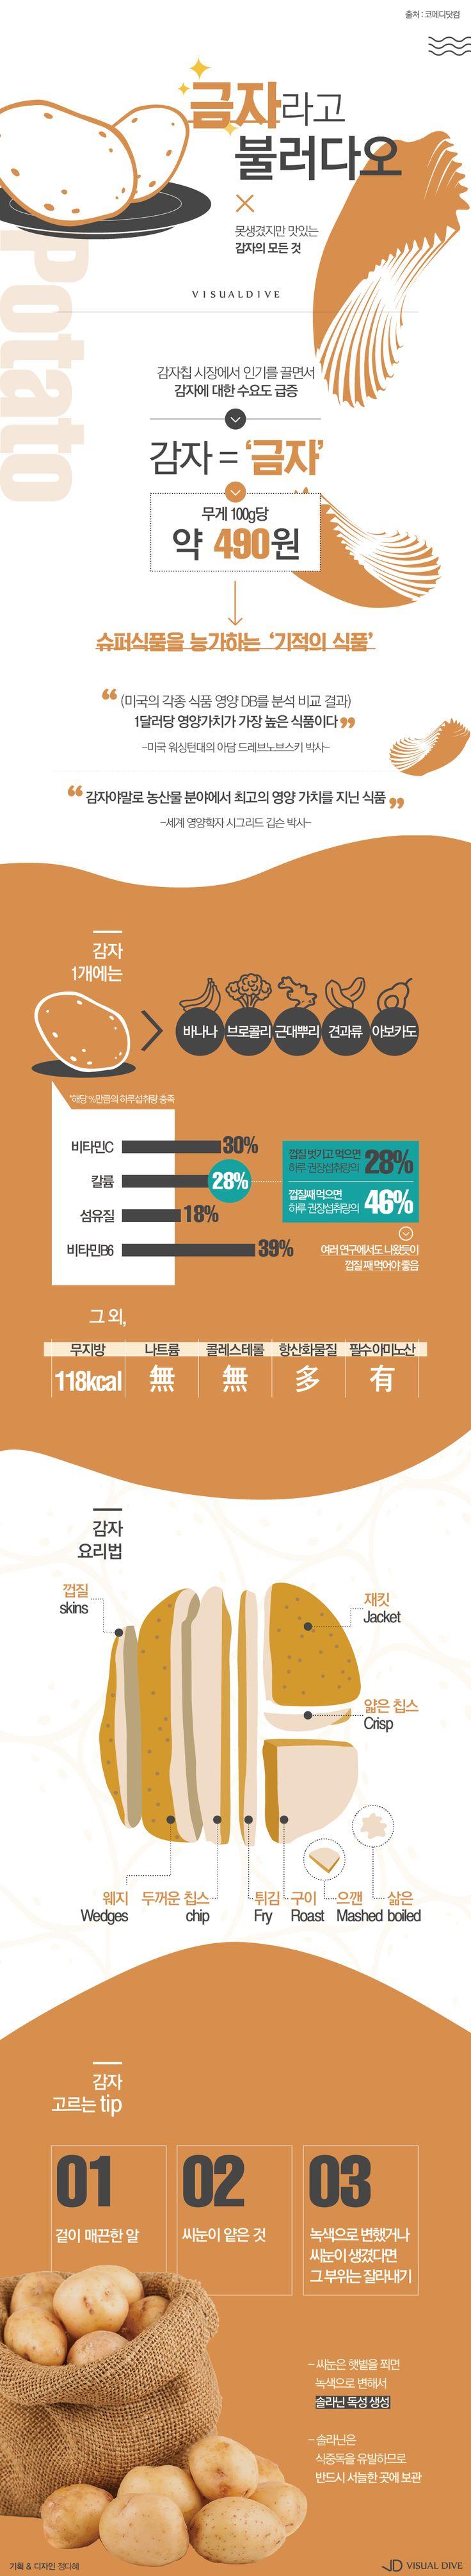 영양 만점 슈퍼푸드 '감자'의 모든 것 [인포그래픽] #potato / #Infographic ⓒ 비주얼다이브 무단 복사·전재·재배포 금지